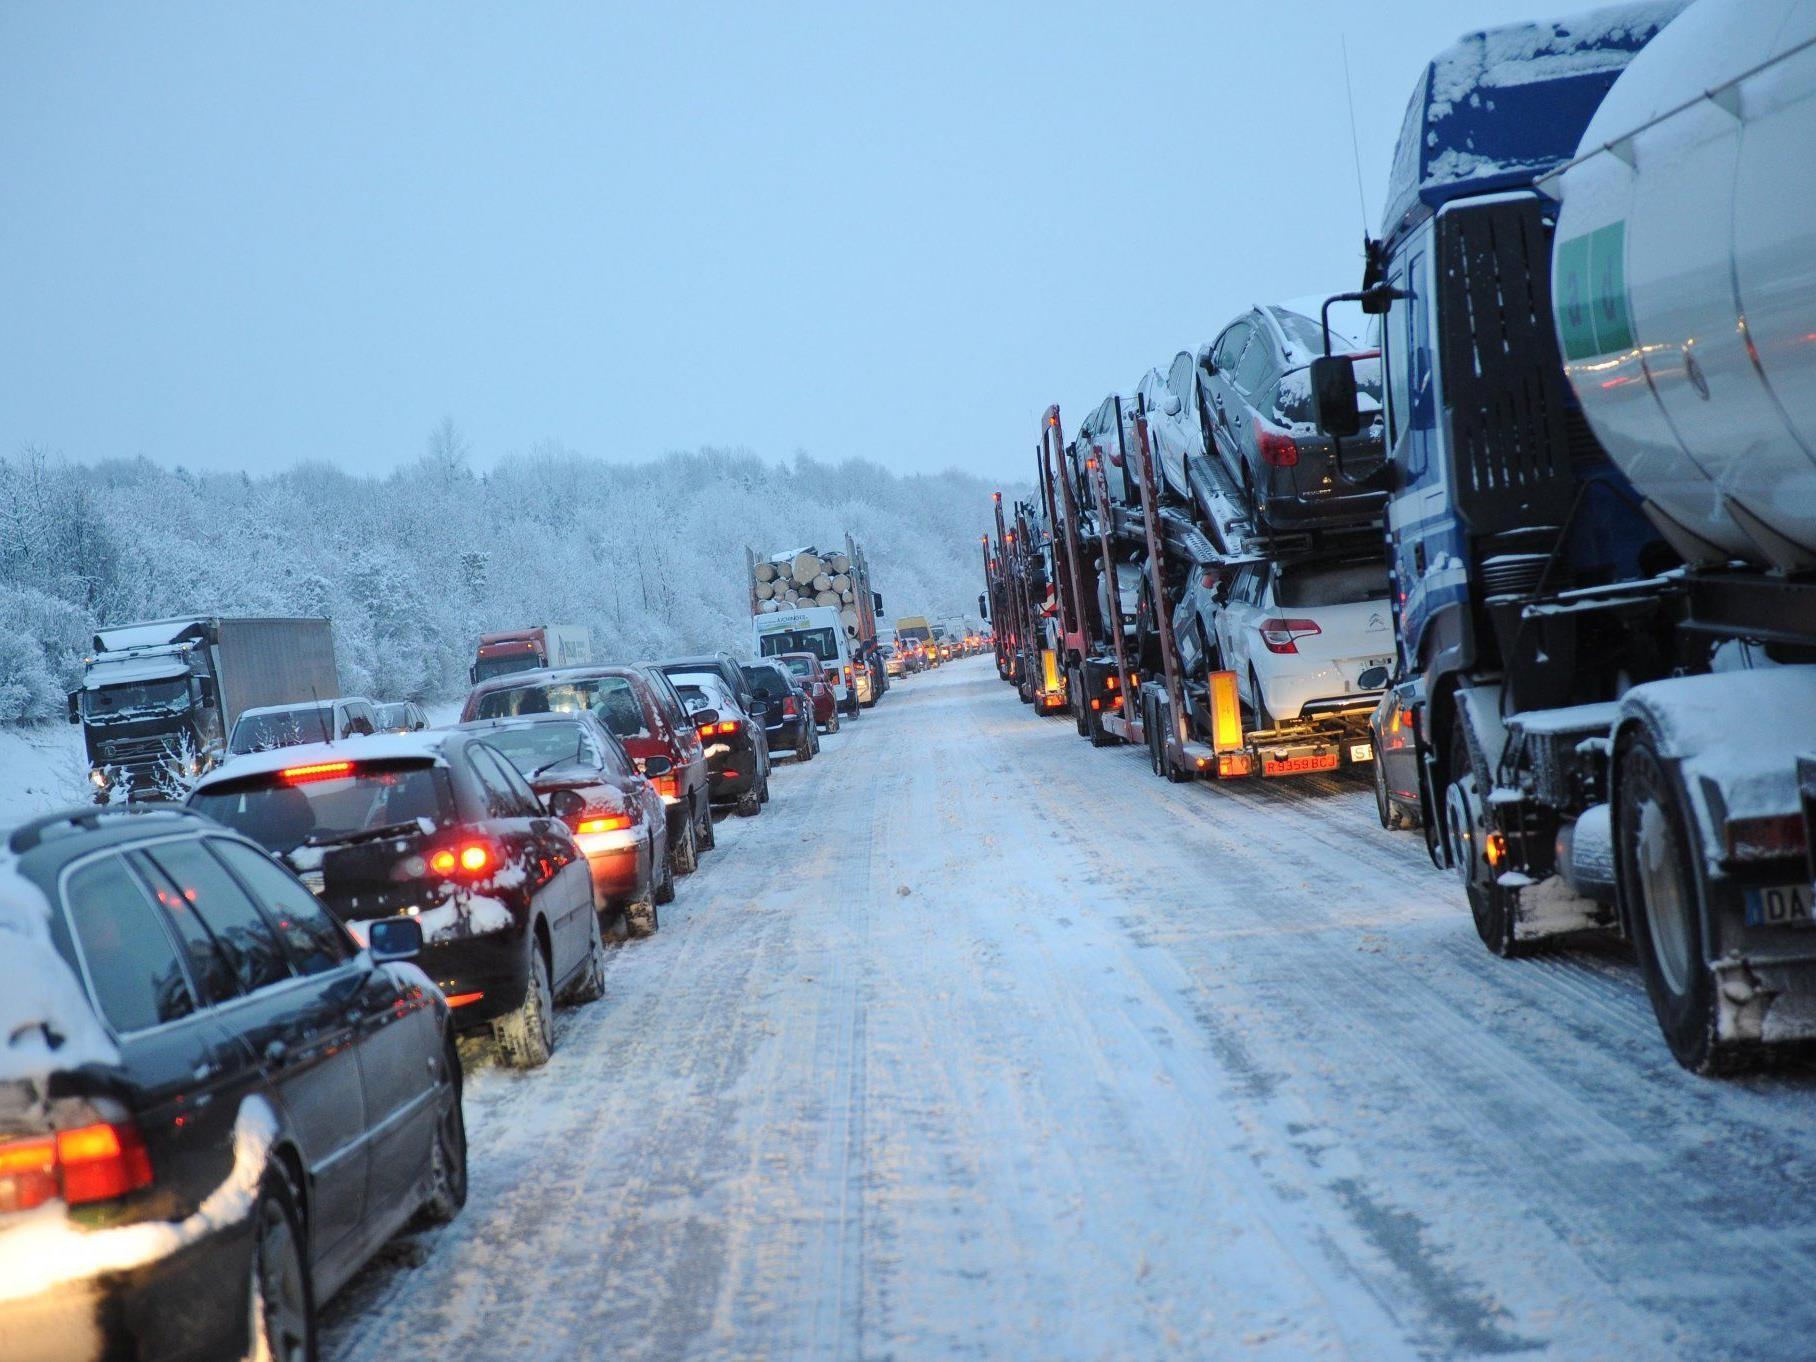 Oft waren es nur wenige Zentimeter Schnee, aber sie verwandelten wichtige Hauptverkehrsverbindungen in Rutschbahnen.